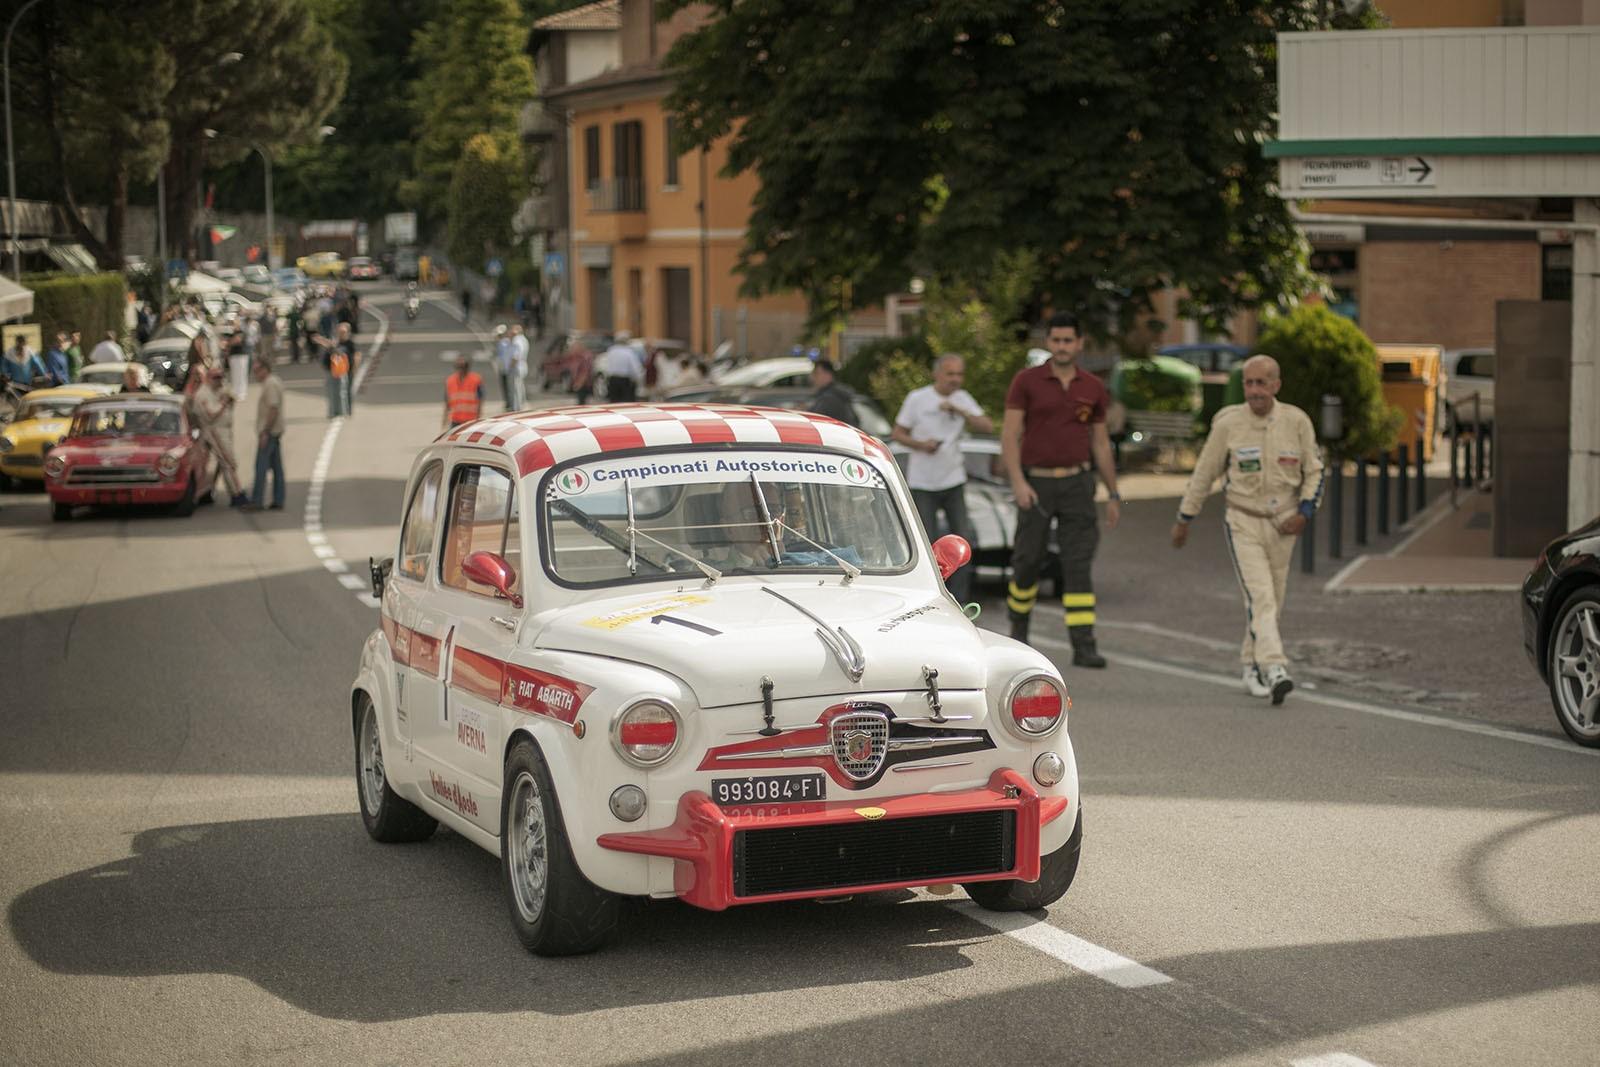 bologna_raticosa_2012_002